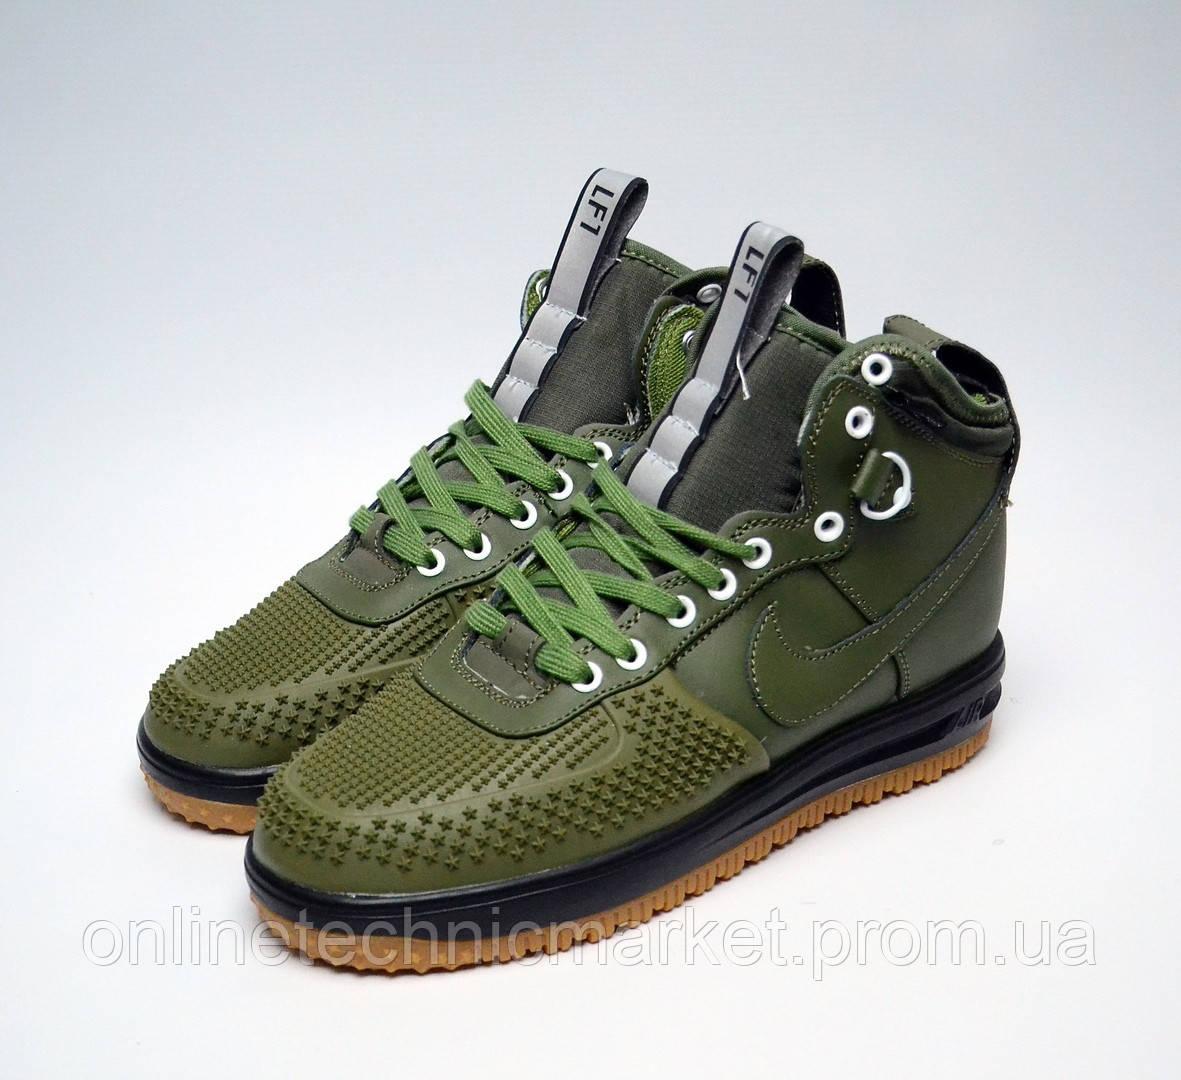 e1e37e92 Мужская Обувь Nike Air Lunar Force Duckboot KHAKI Кроссовки Повседневные  Водоотталкивающие Зимние - Интернет-магазин